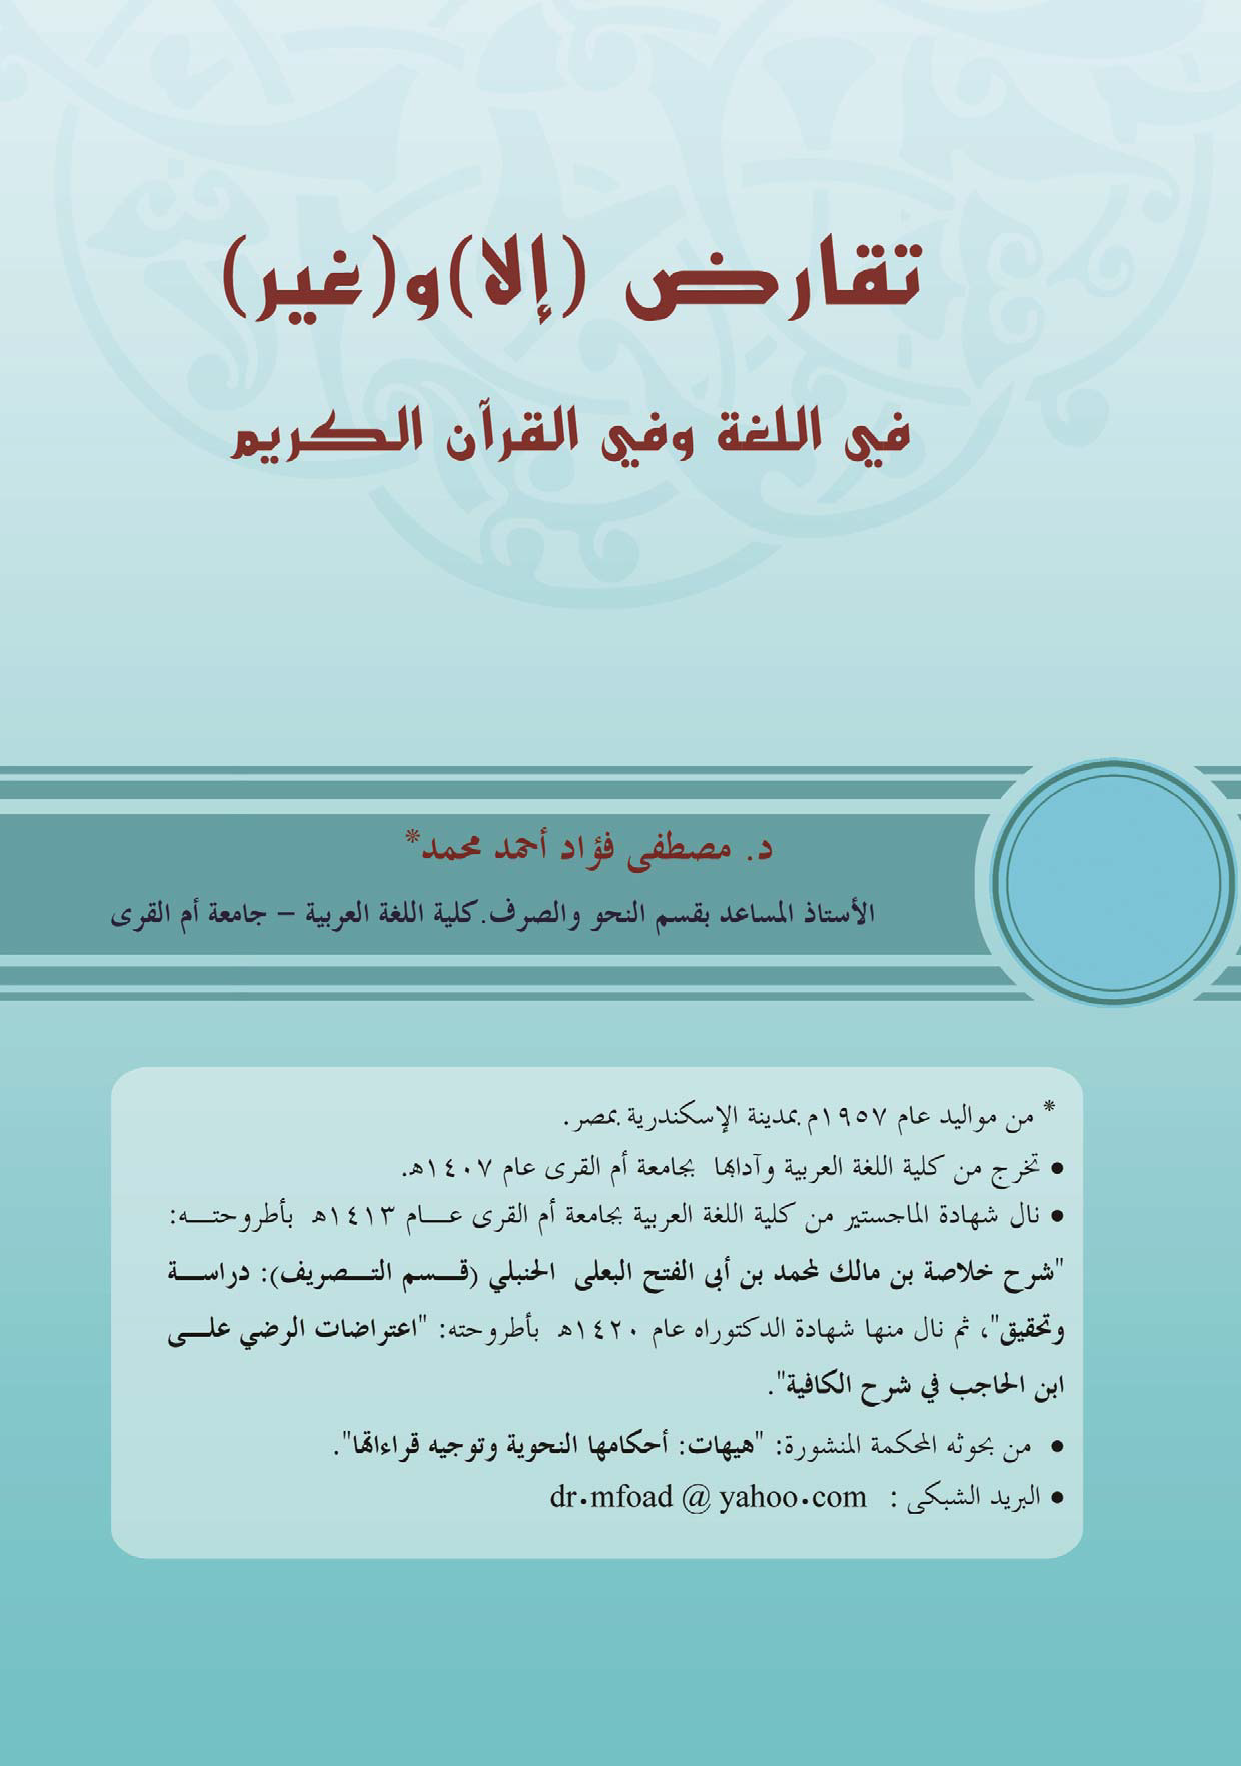 تحميل كتاب تقارض (إلا) و(غير) في اللغة وفي القرآن الكريم لـِ: الدكتور مصطفى فؤاد أحمد محمد